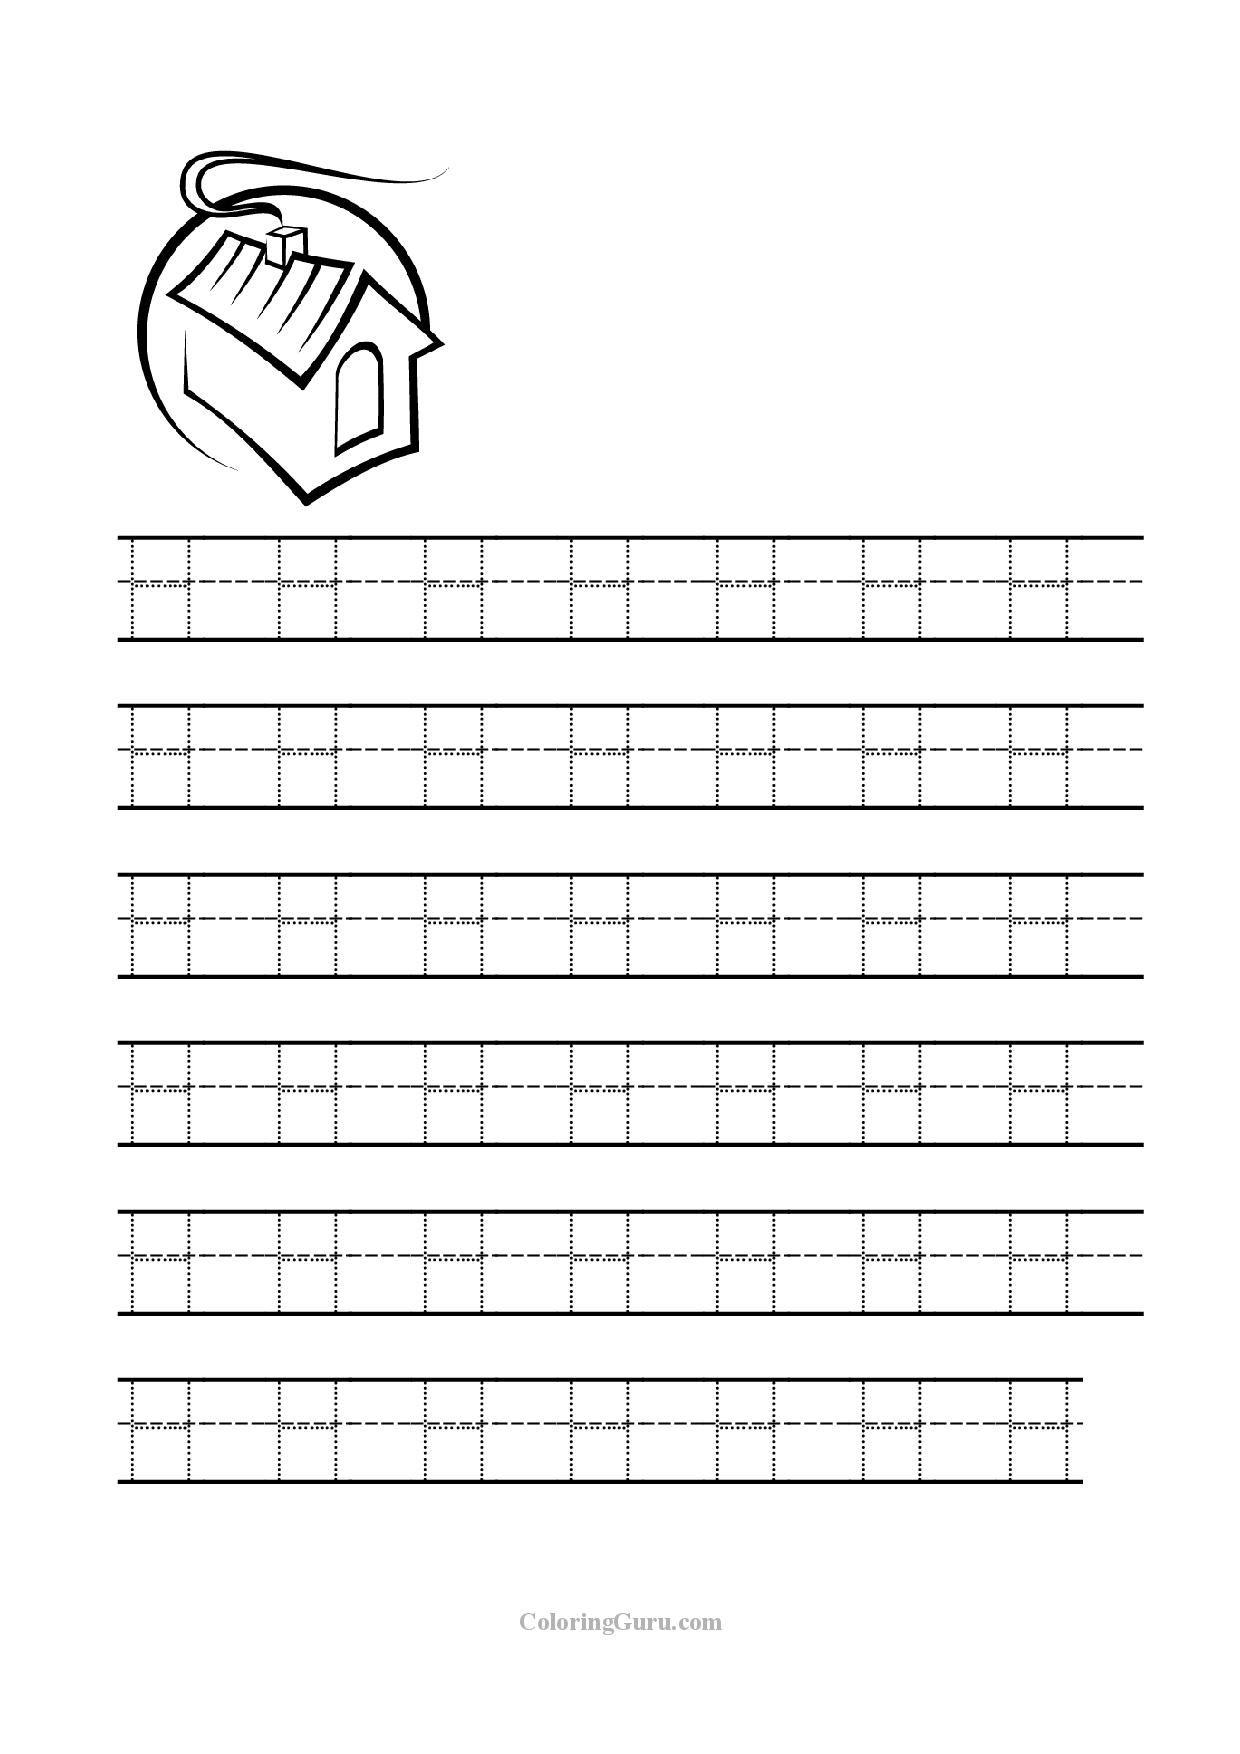 Letter H Tracing Worksheets Worksheets For All | Alphabet